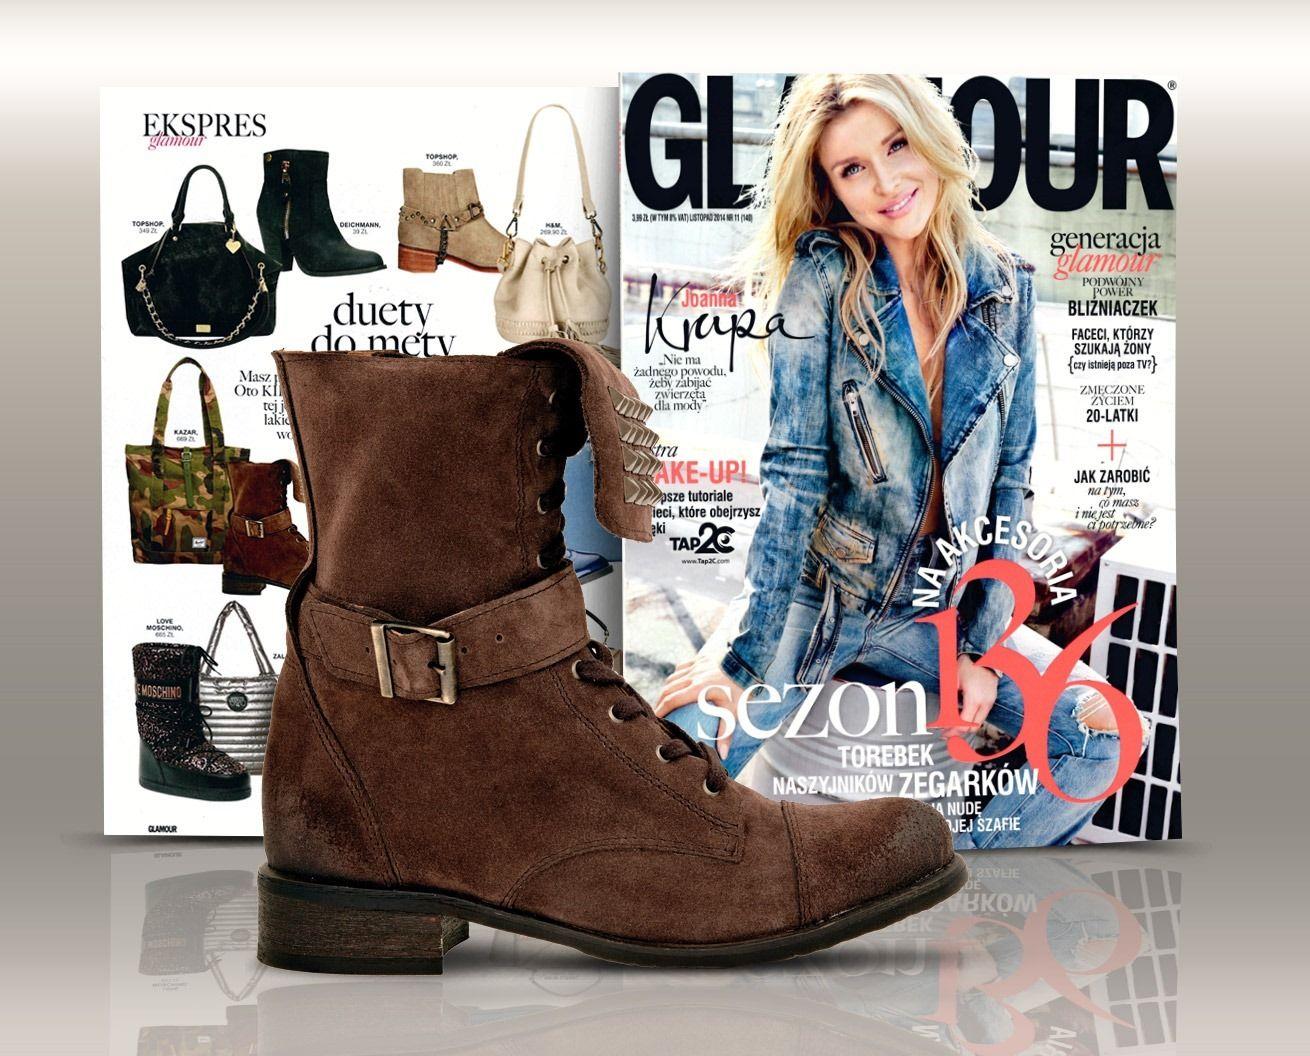 Stylisci Miesiecznika Glamour Prezentuja Jak Dopasowac Buty Do Torebki Brazowe Trzewiki Wojas Zdobione Cwiekami 3604 62 Www Wojas Fashion Biker Boot Boots